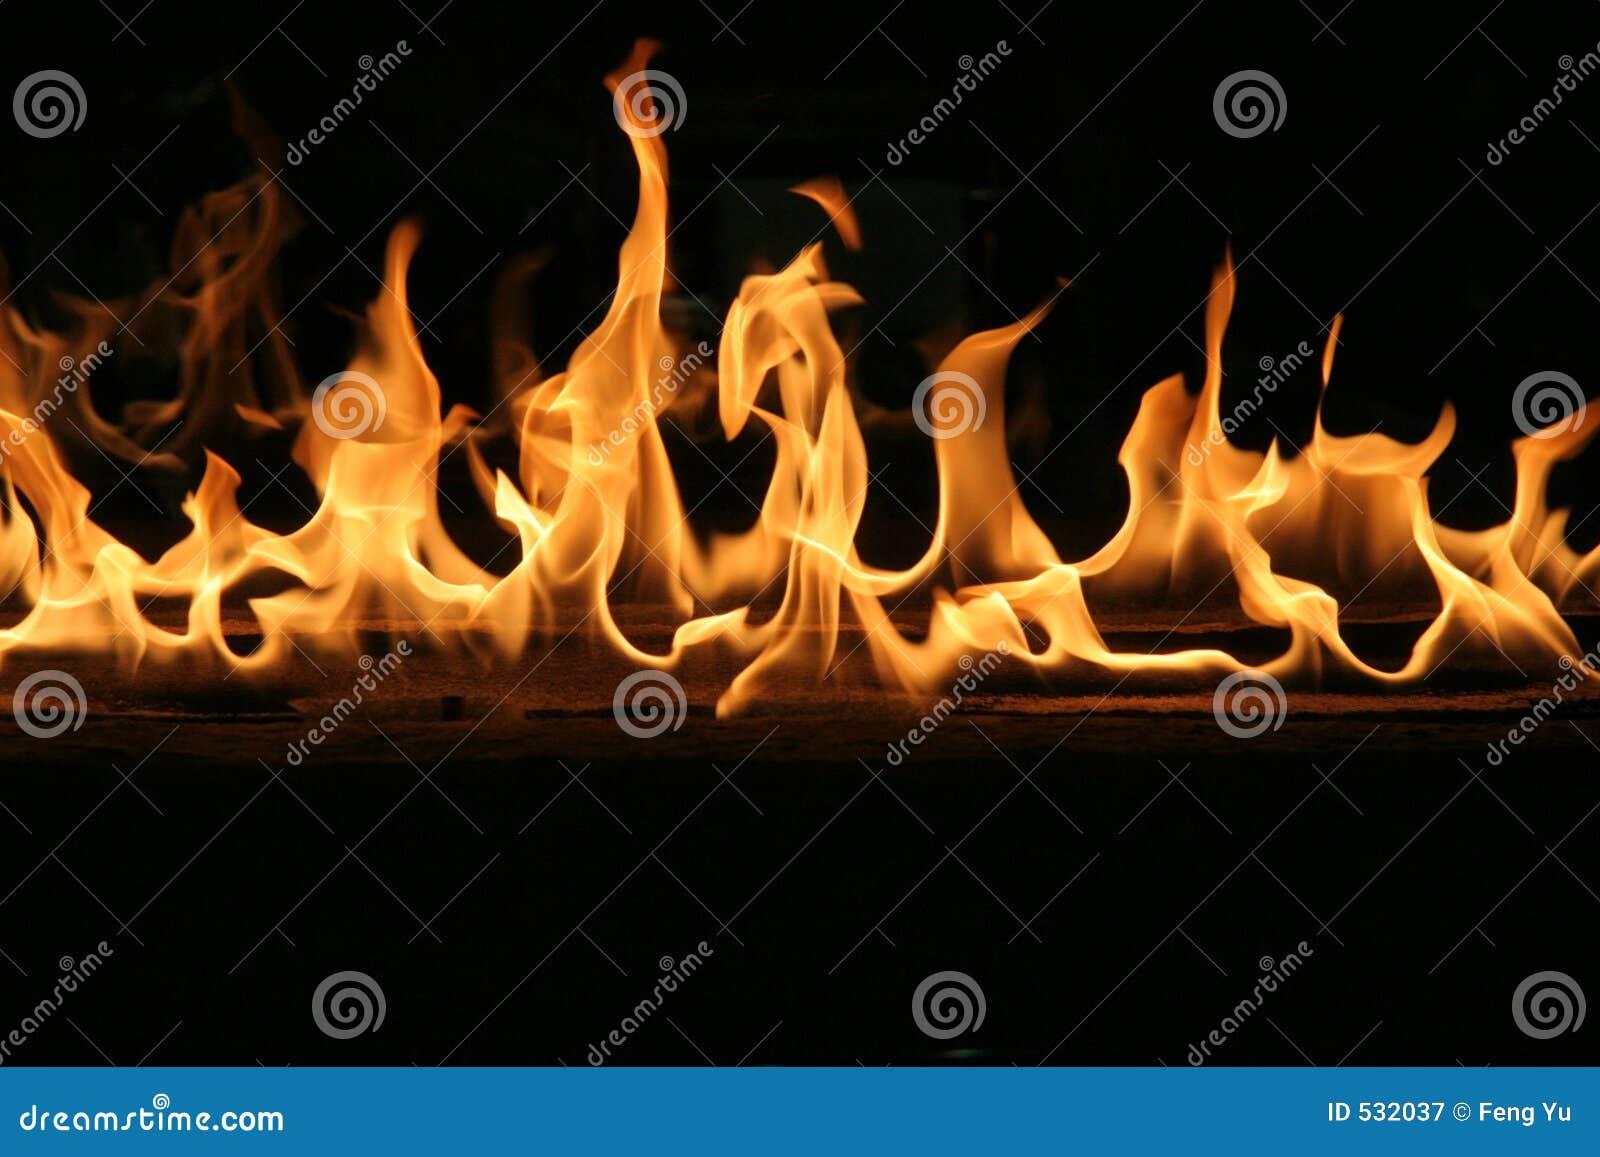 Download 火焰 库存图片. 图片 包括有 发火焰, 烧伤, 欲望, 能源, 激情, 火焰, 背包, 纹理, 温暖, 金黄 - 532037